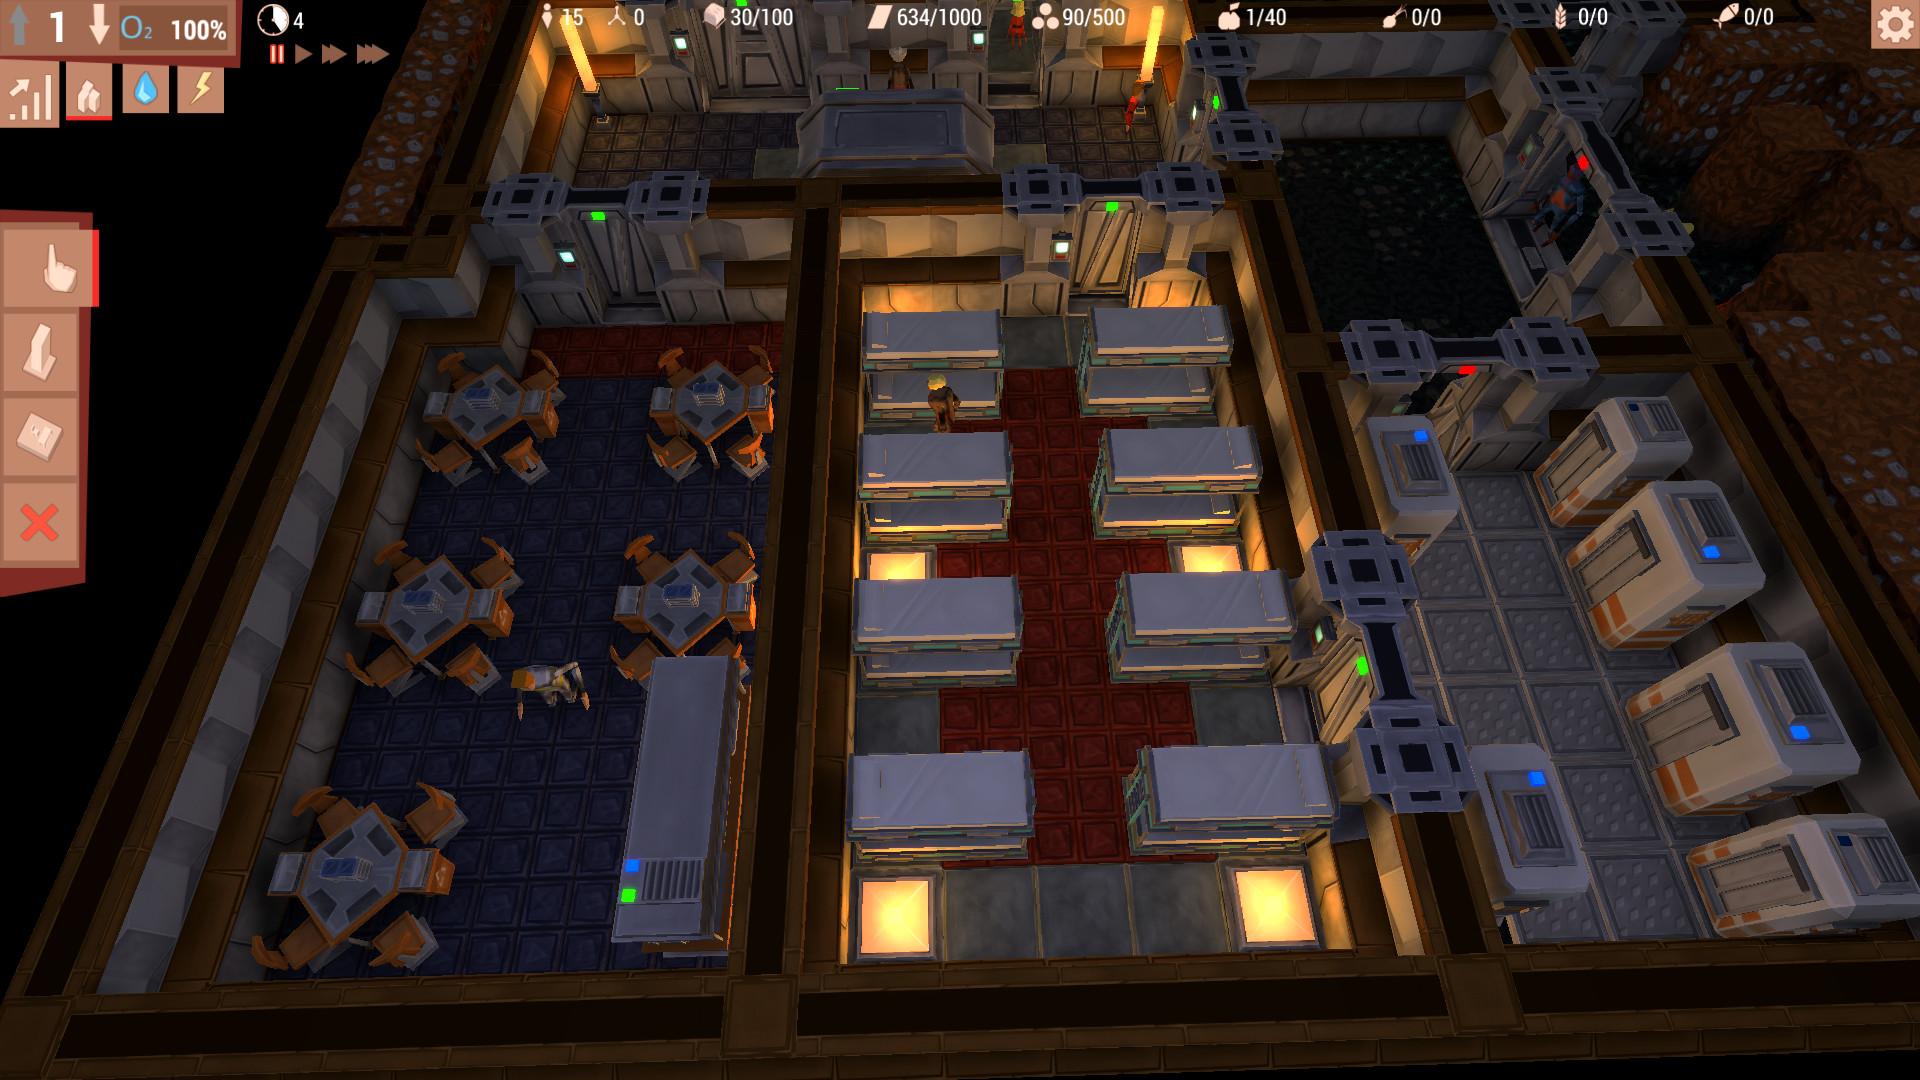 Life in Bunker Screenshot 3